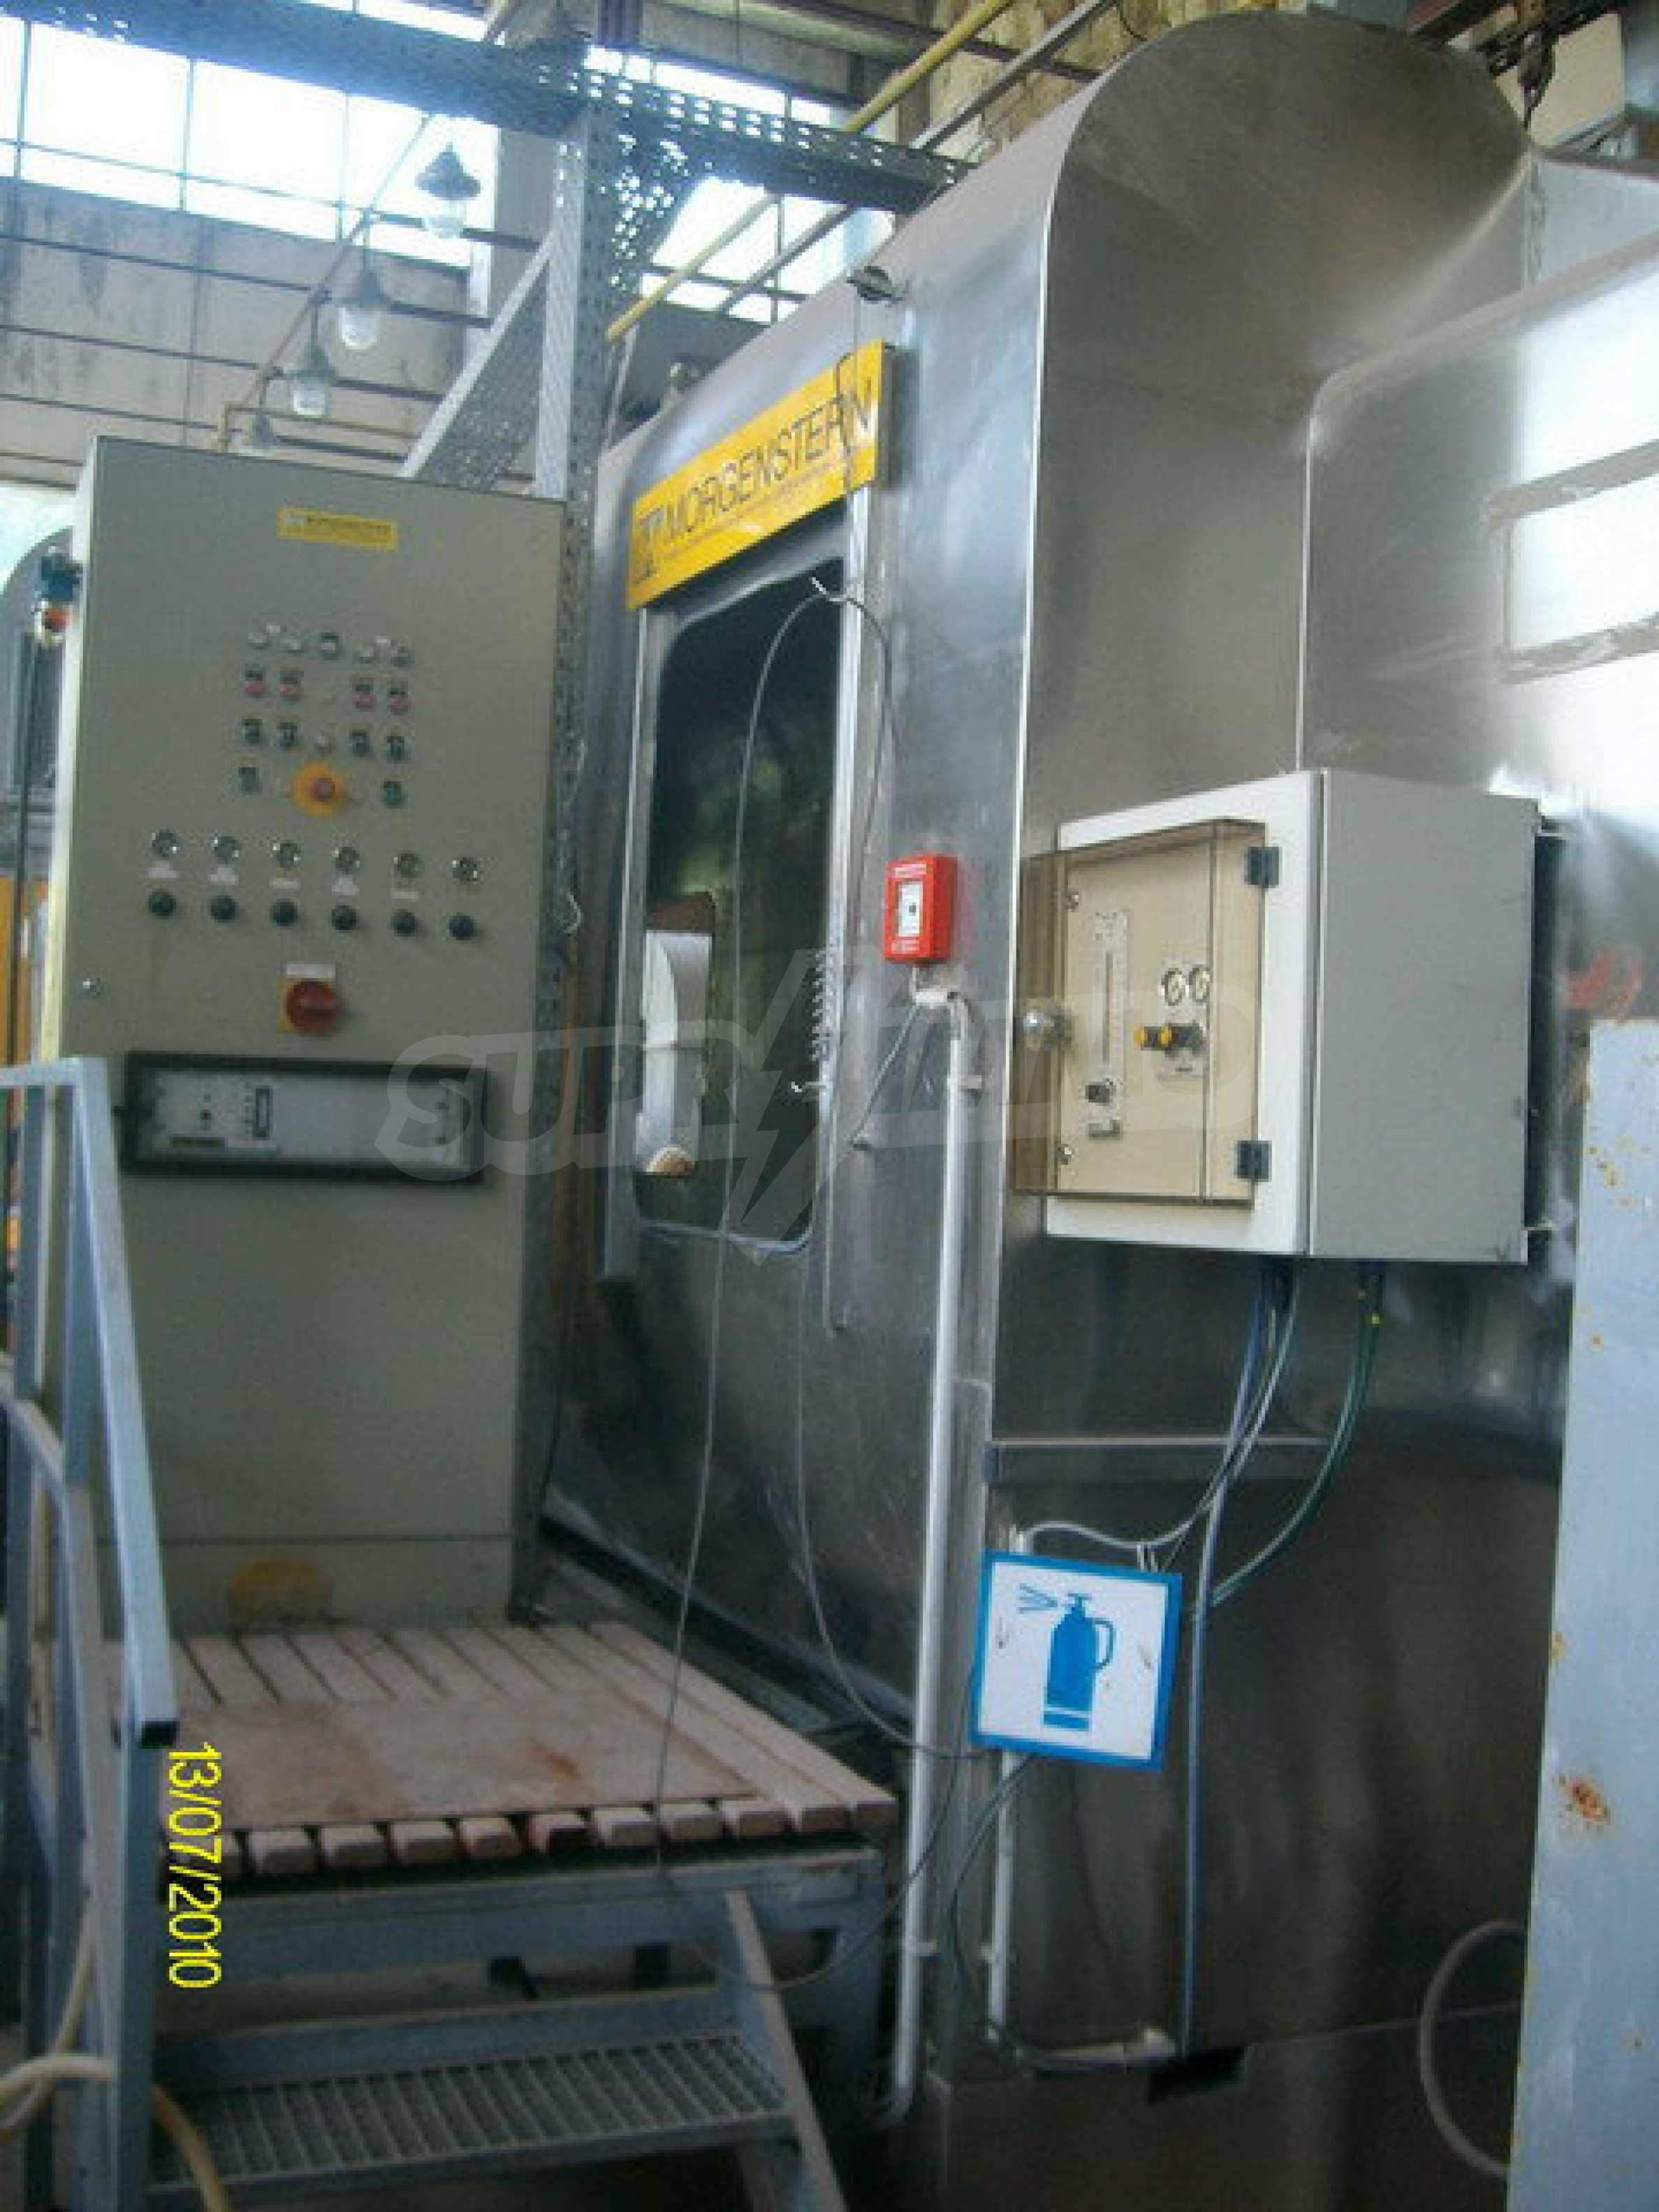 Factory for metal parts in Veliko Tarnovo 2